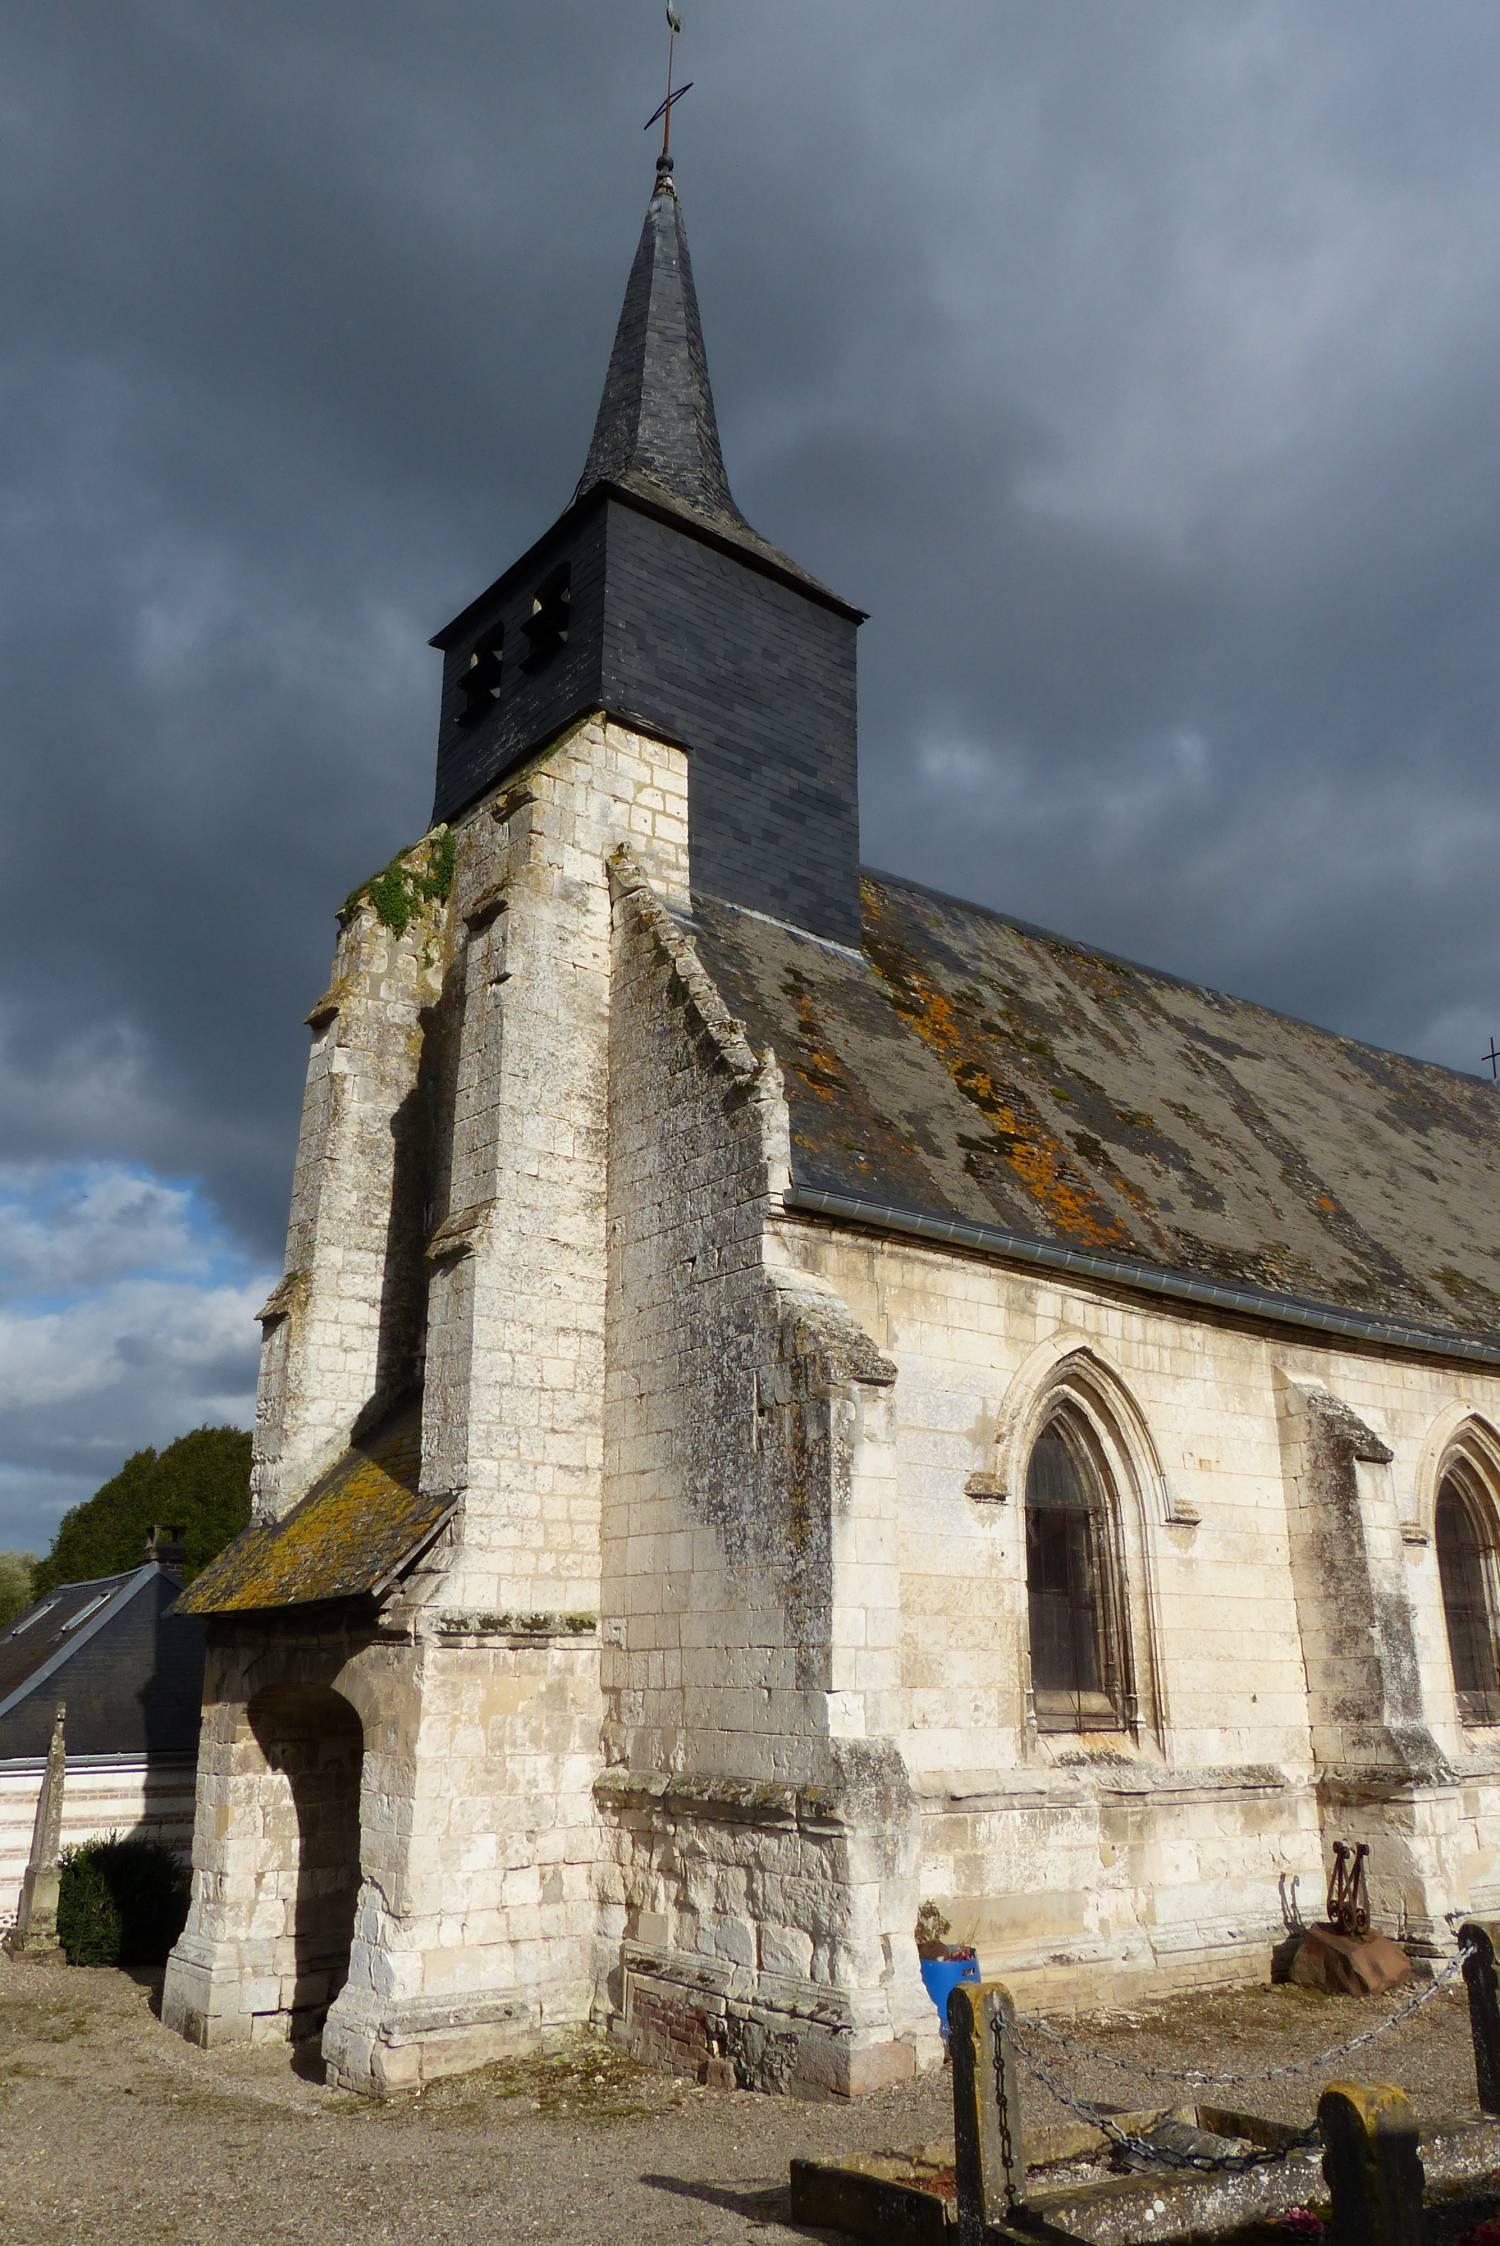 Fontaines-sur-Somme (80) - église Notre-Dame-de-l'Assomption de Vieulaines - La Sauvegarde de l'Art Français